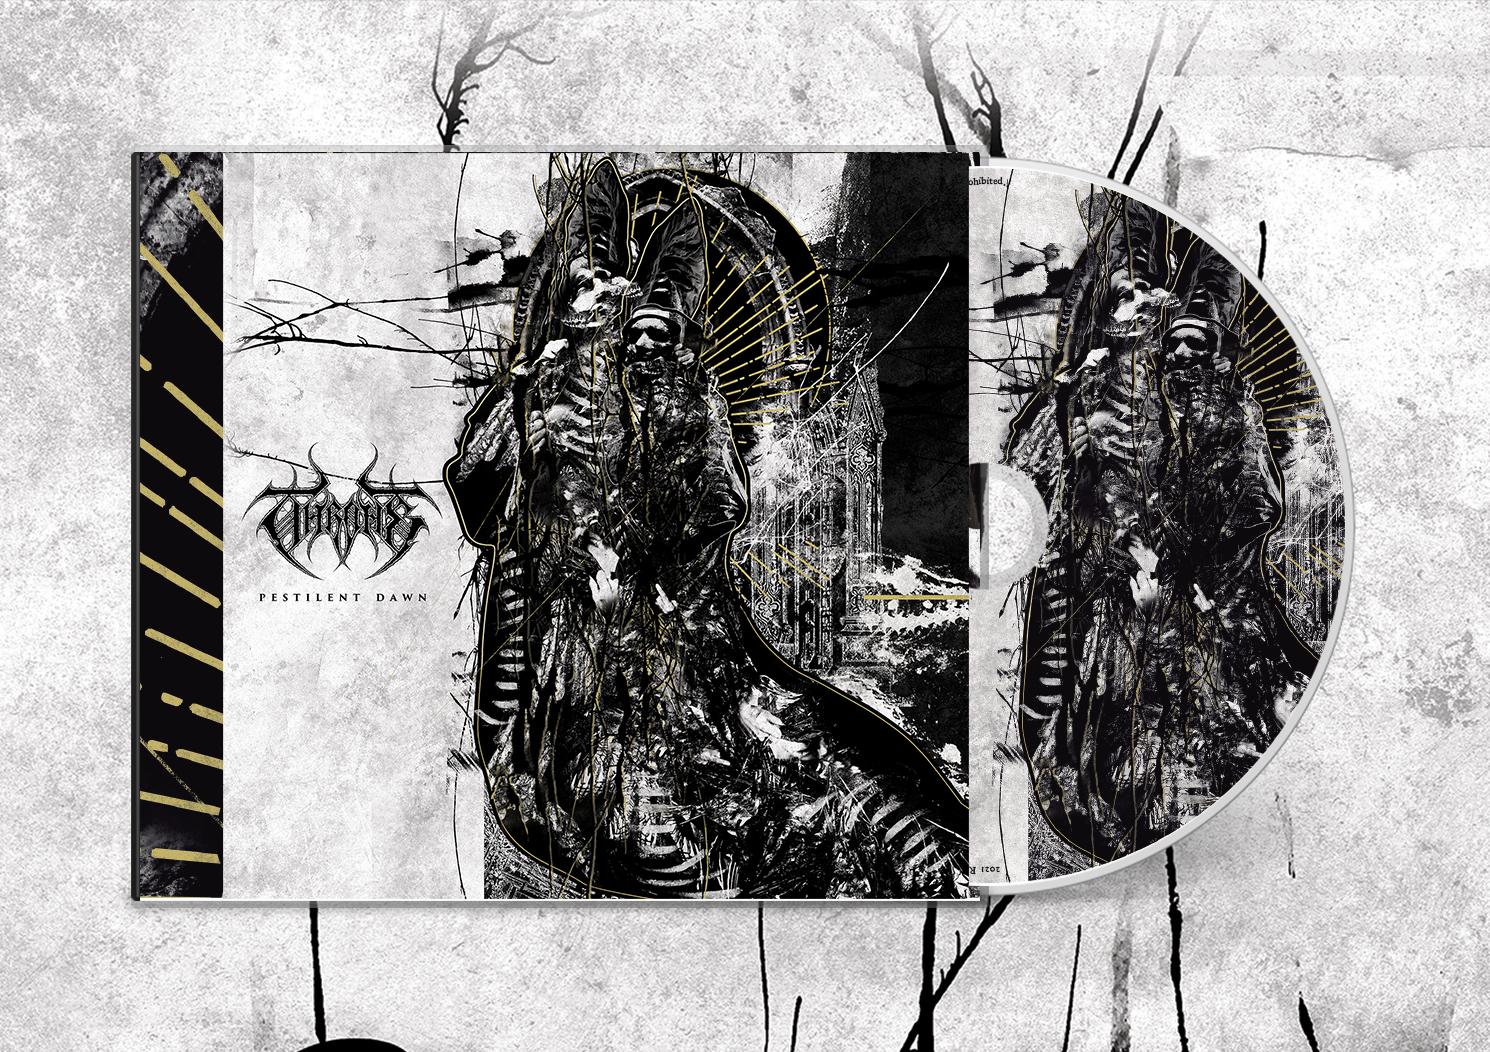 THRONE - Pestilent Dawn